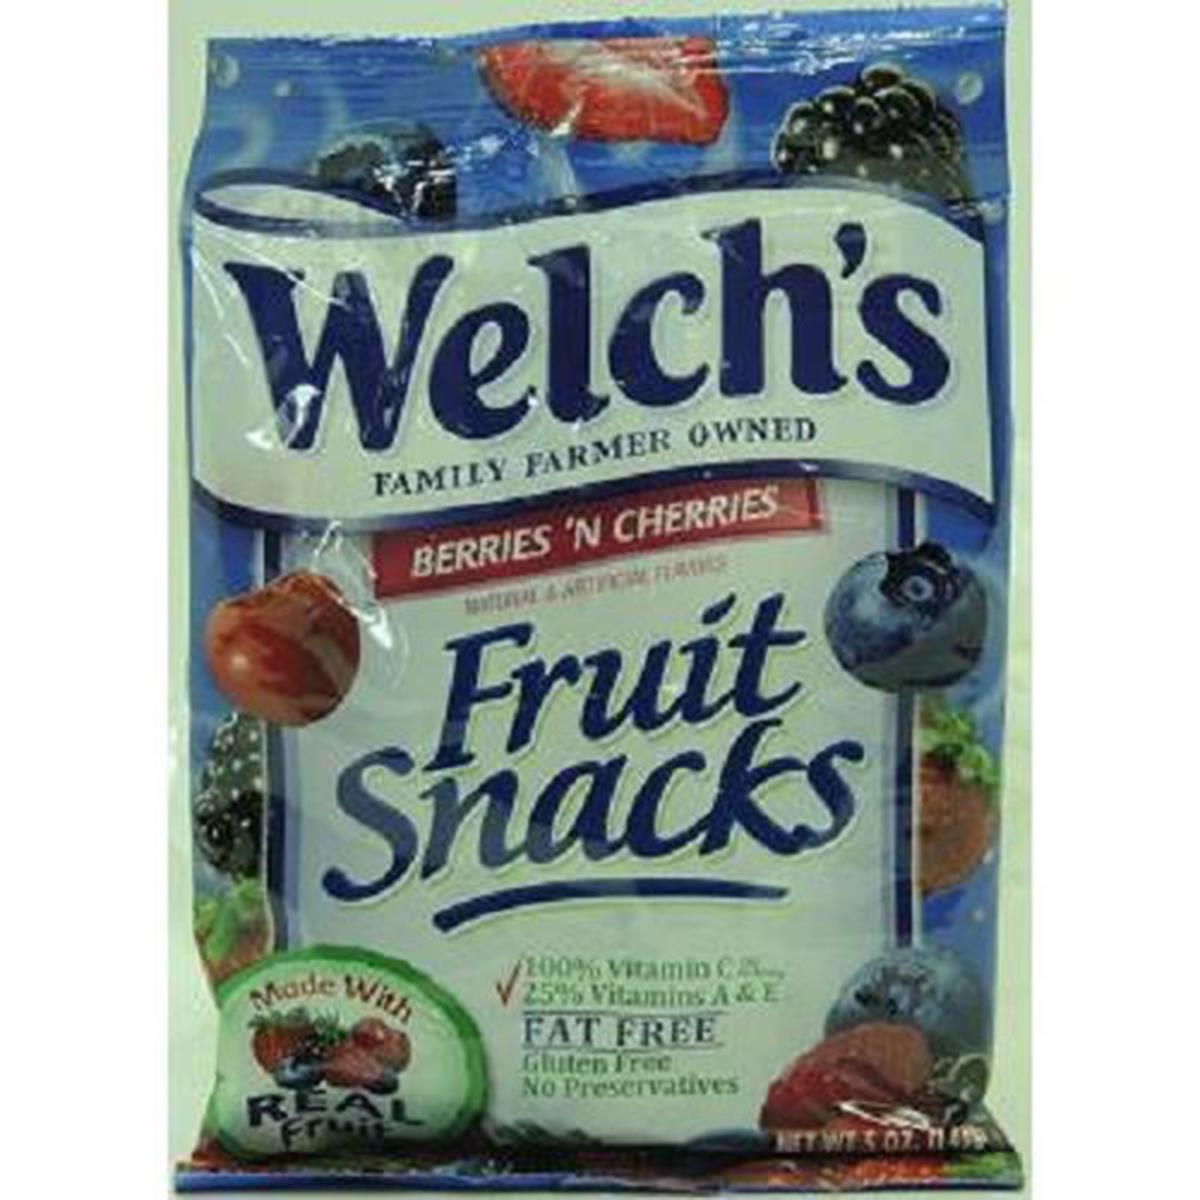 Welch's Fruit Snacks, Berries 'N Cherries, 5-Ounce Bags (Pack of 12)